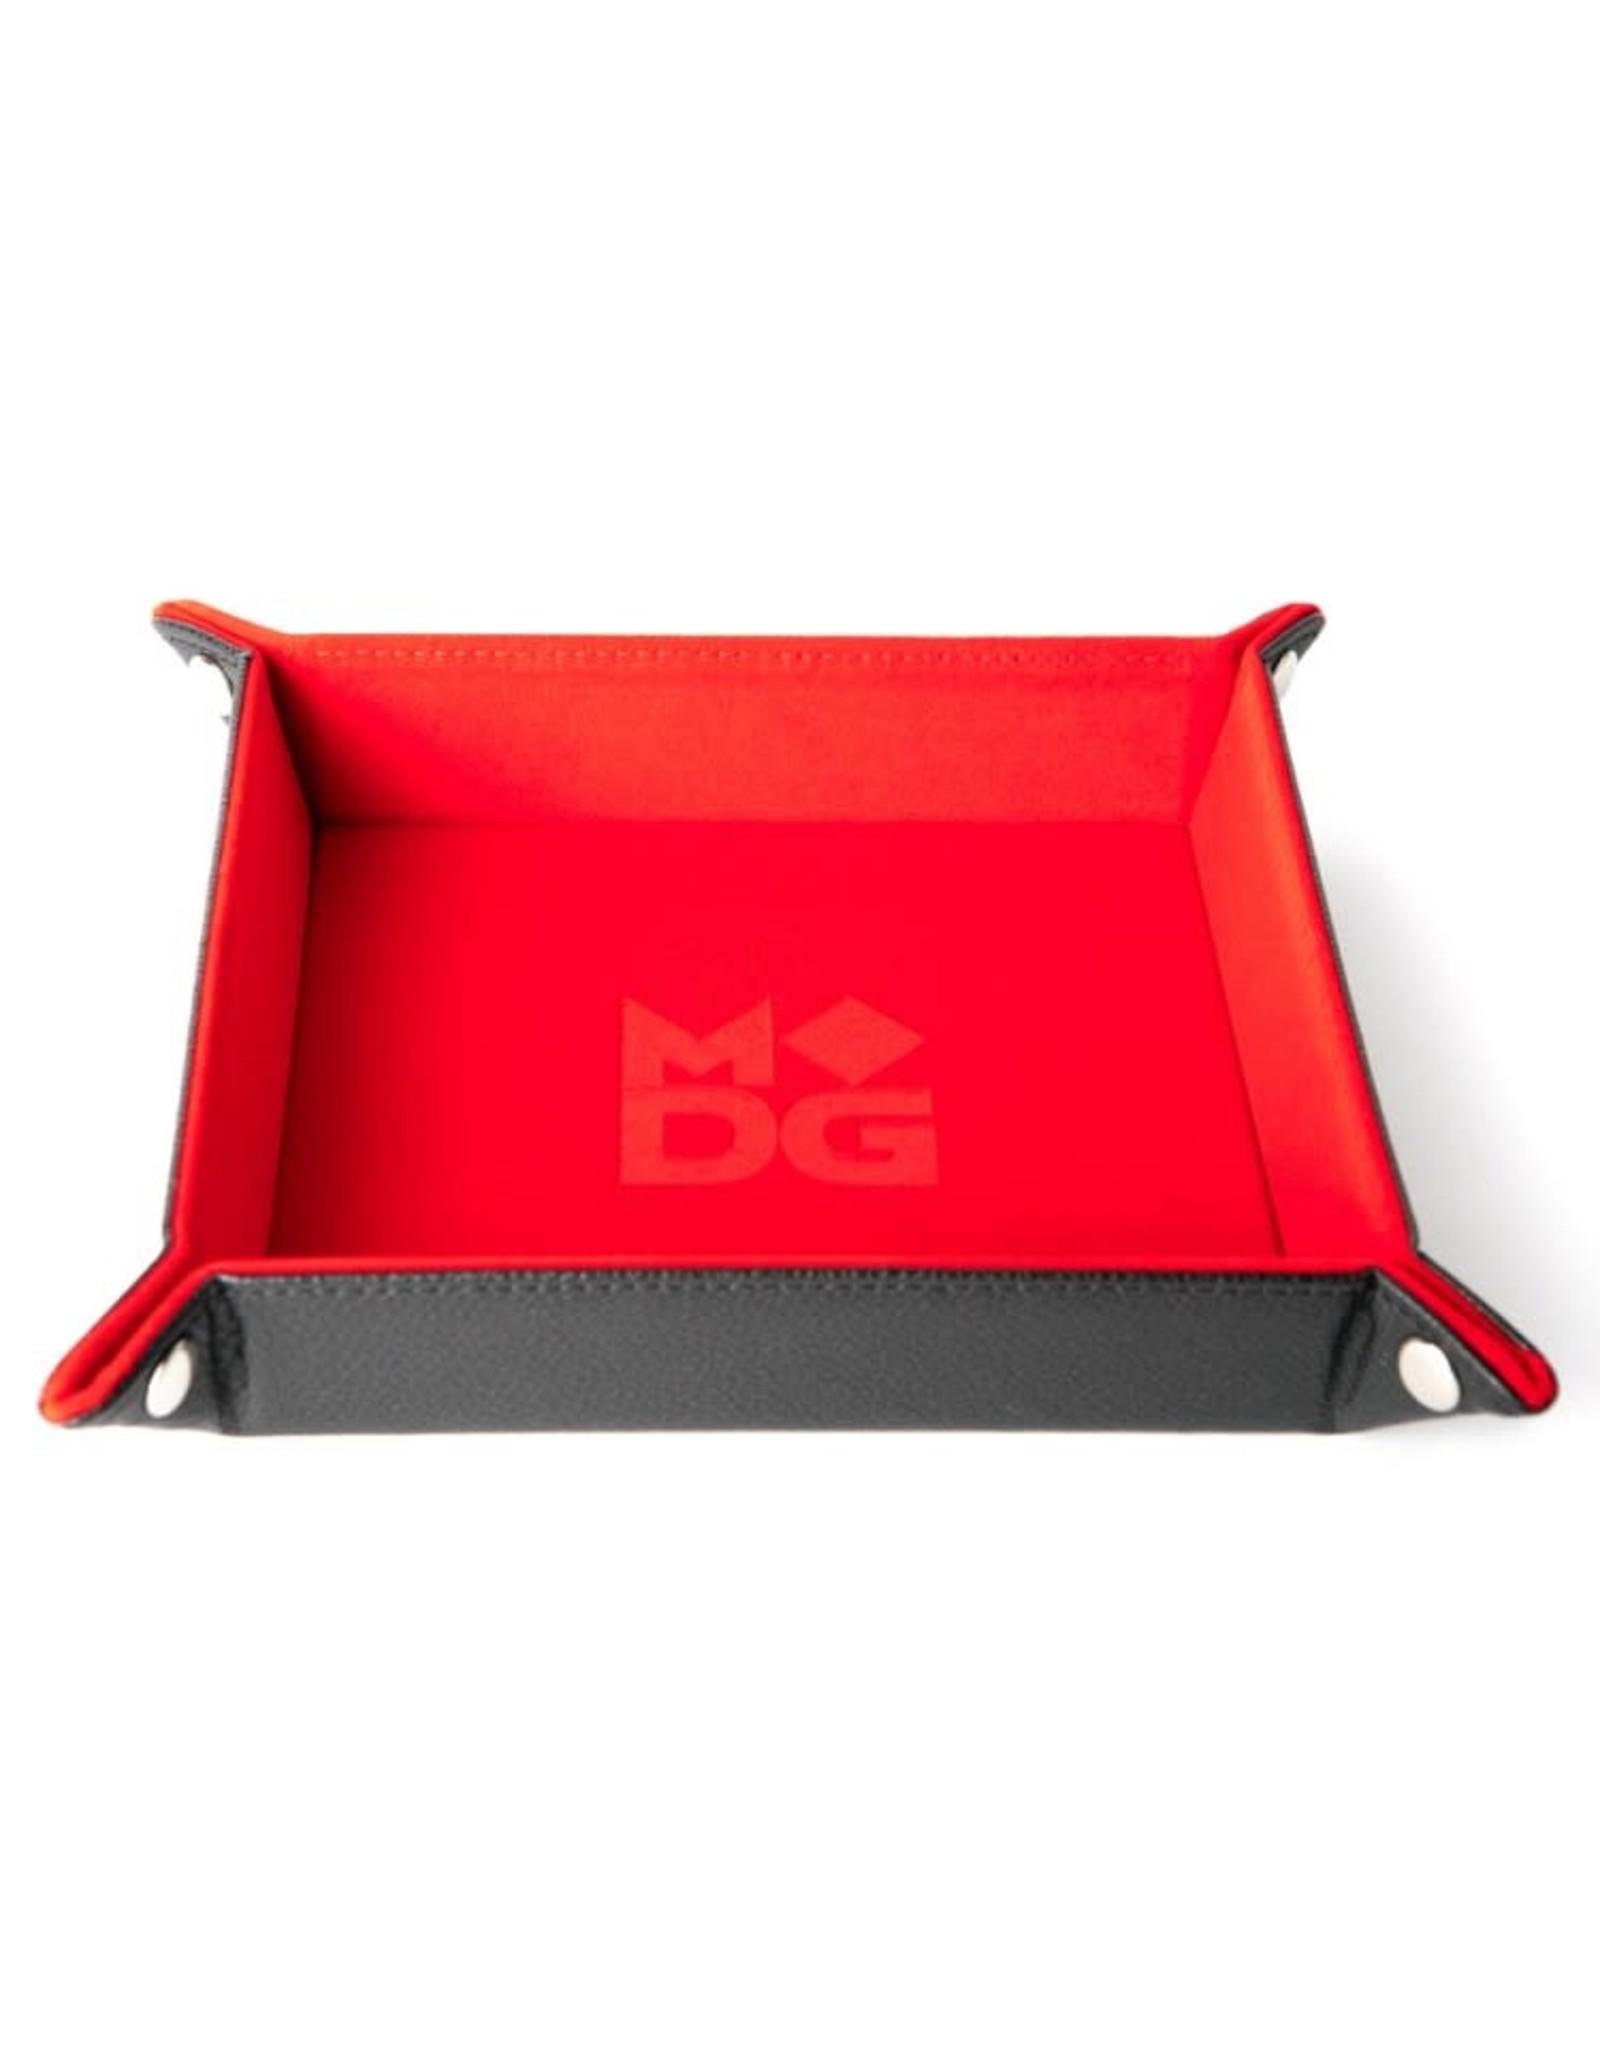 Metallic Dice Games Folding Dice Tray: Velvet 10in x10in RD